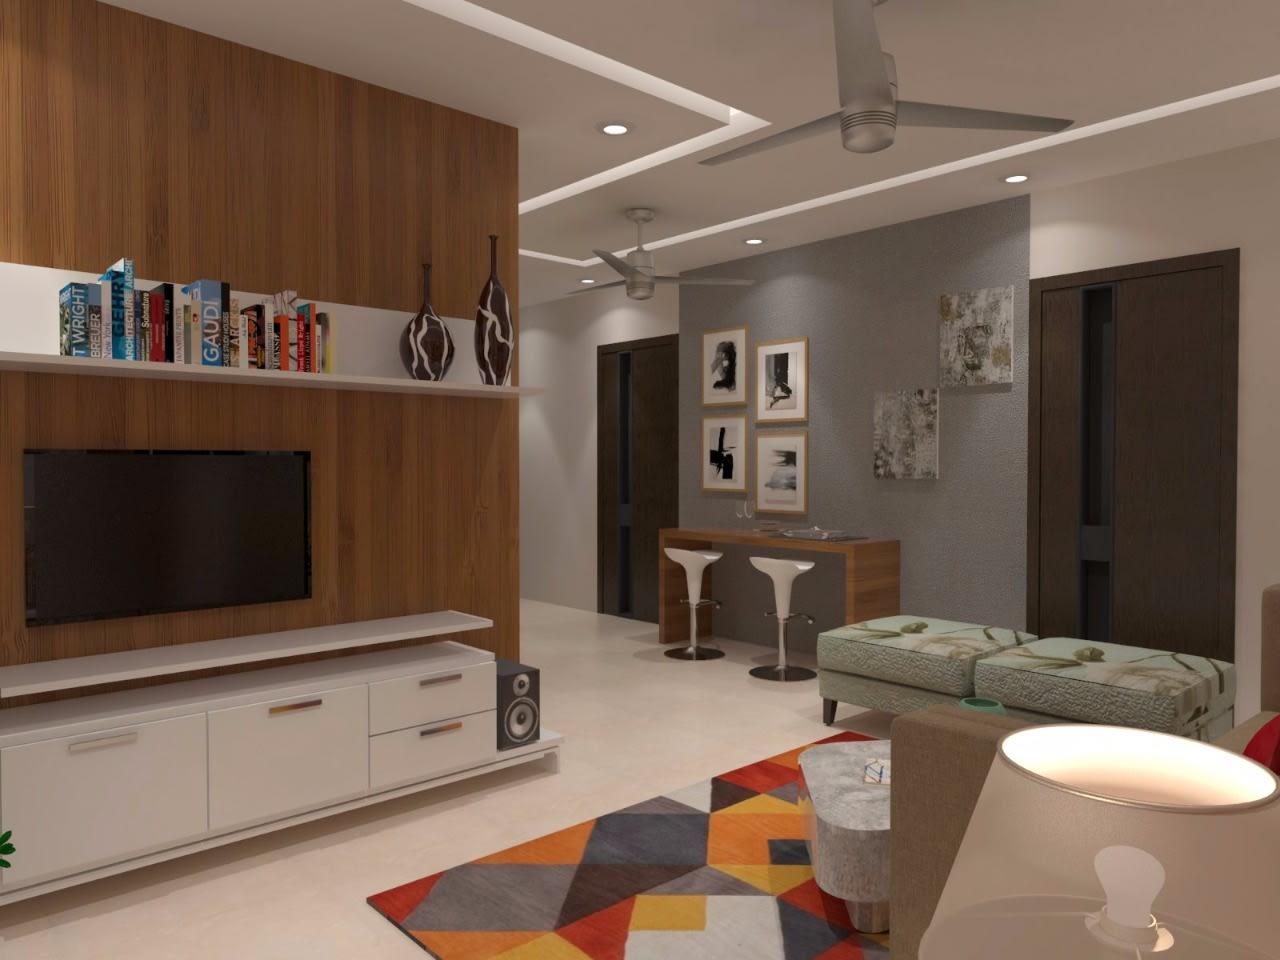 Art Beat by Lalit Kumar Modern | Interior Design Photos & Ideas